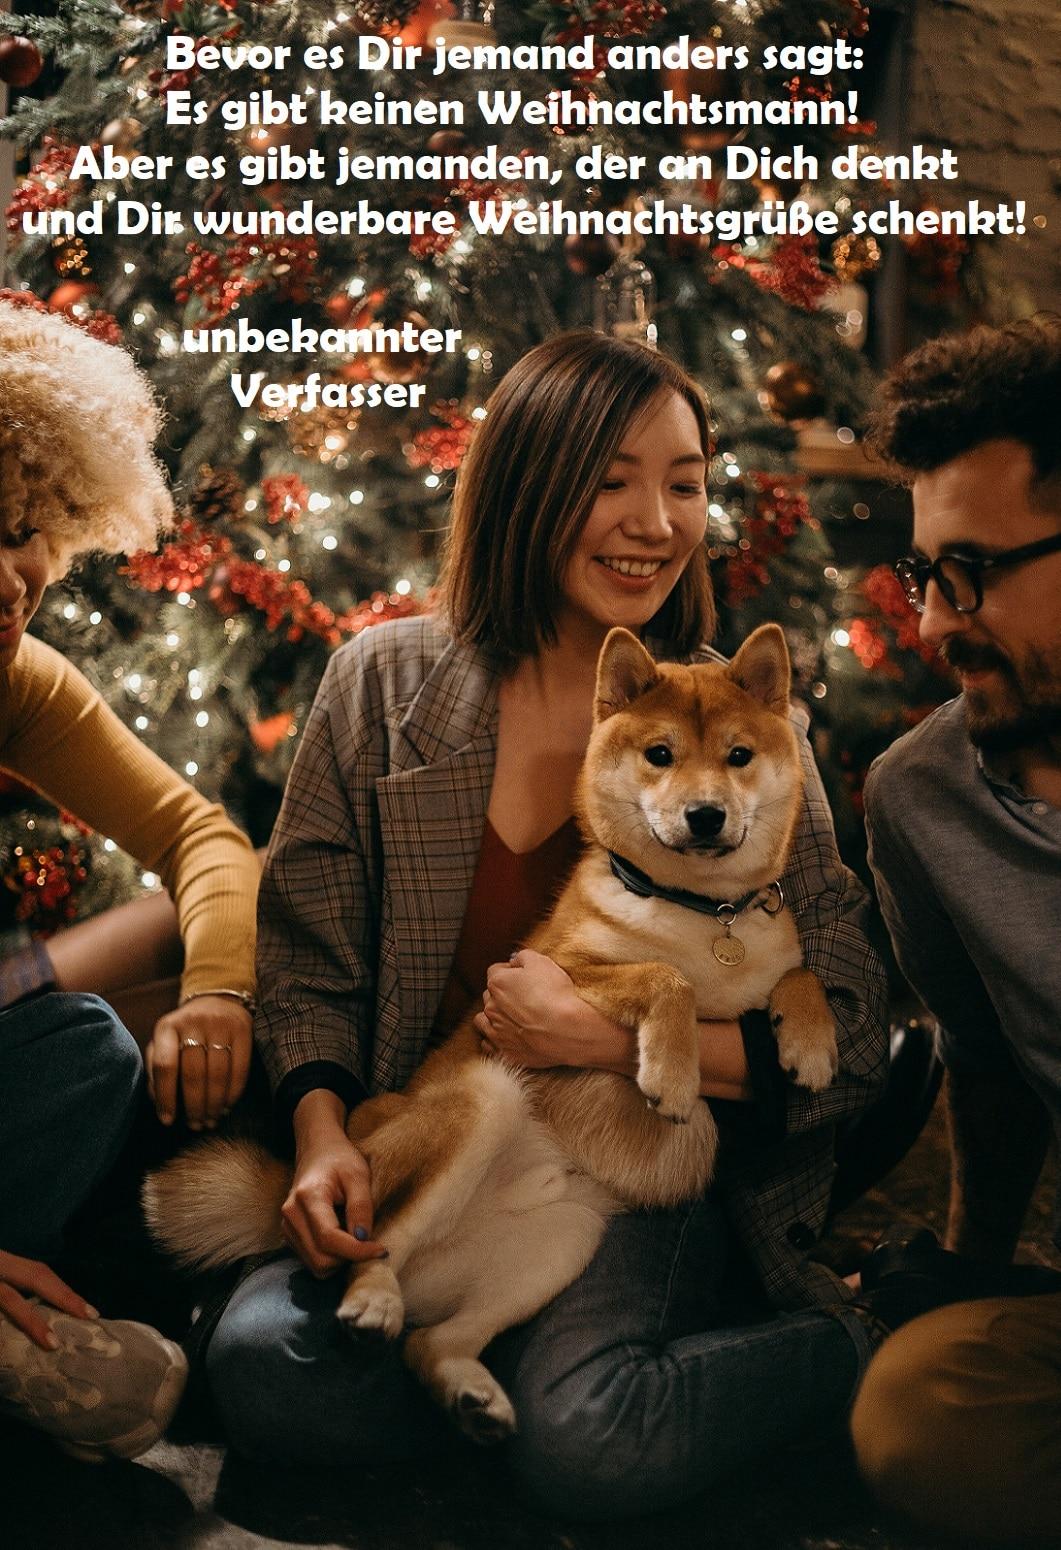 Weihnachtswünsche Bild 6